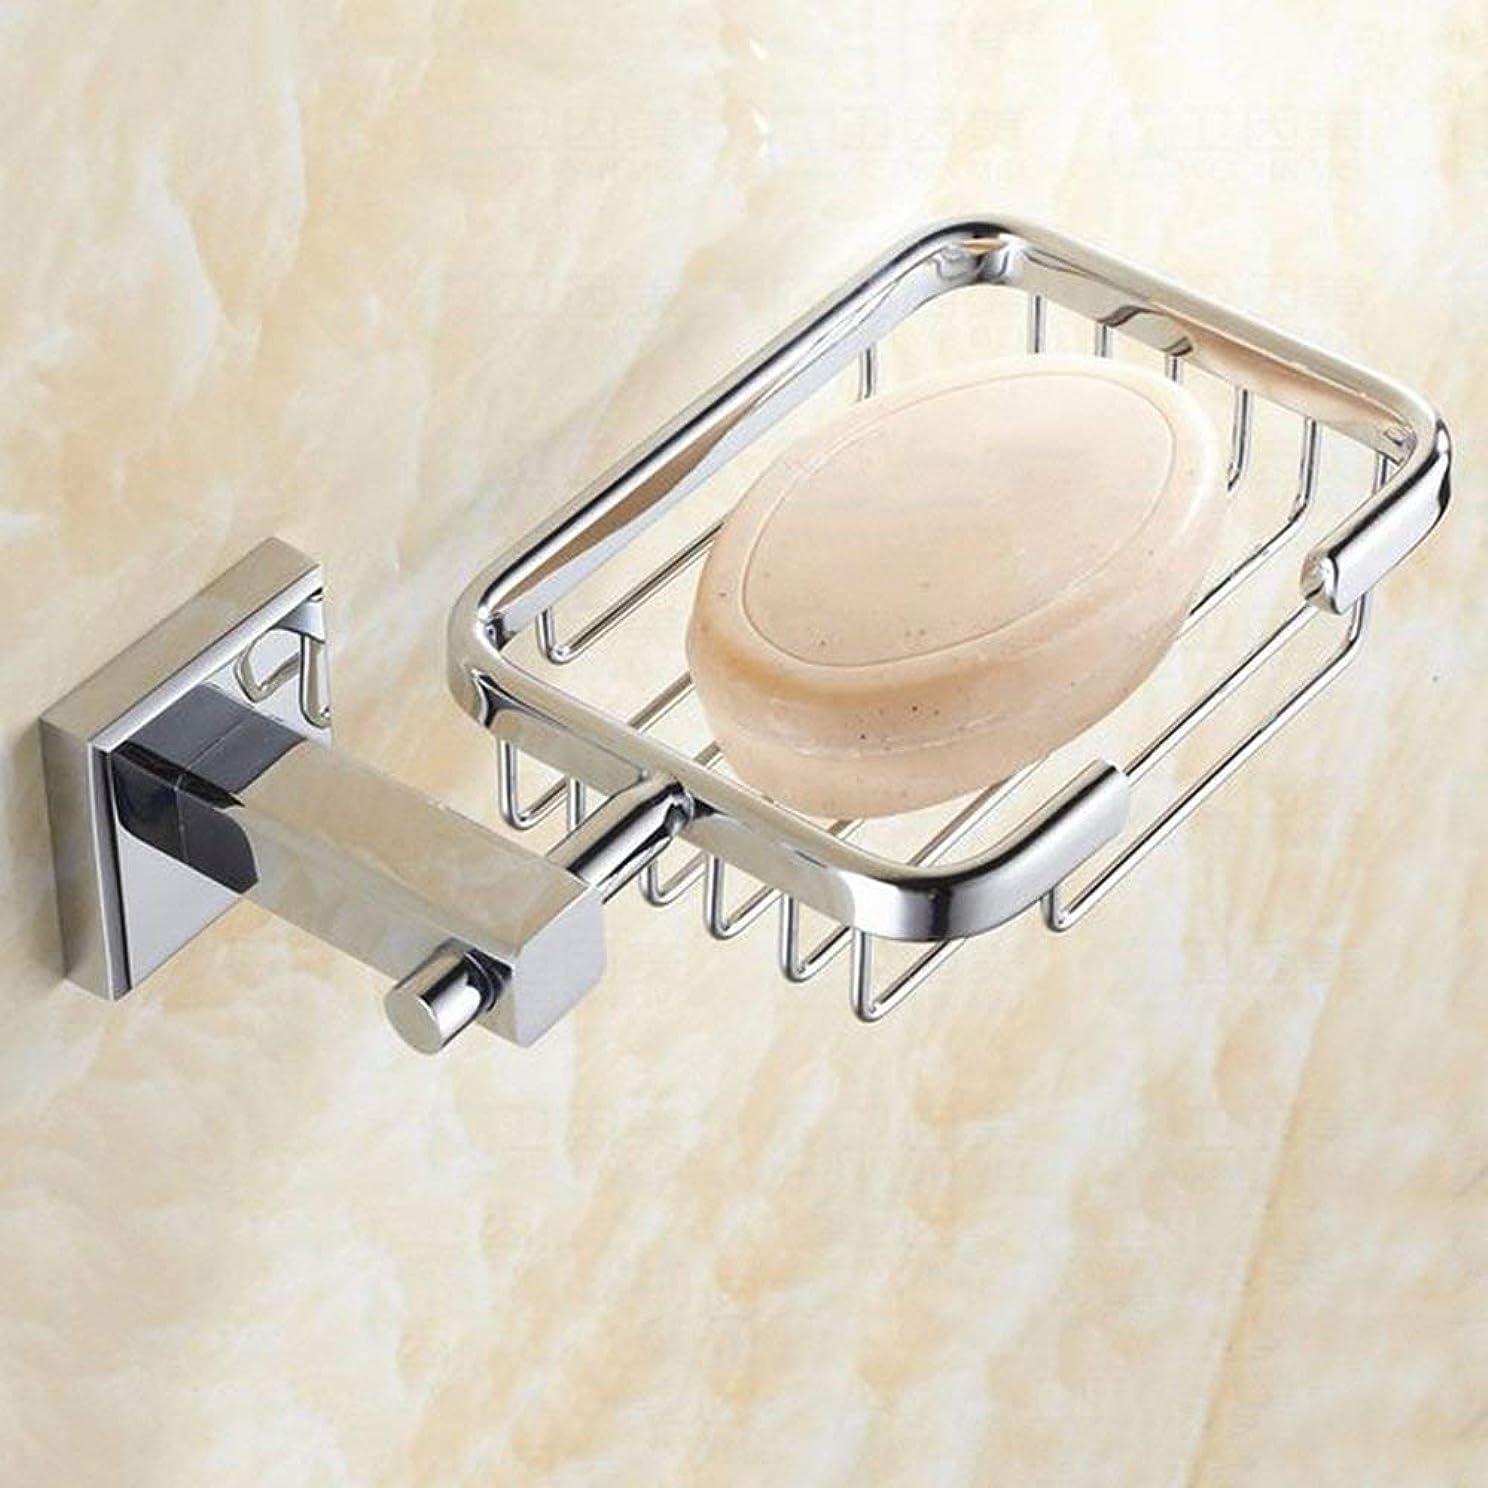 廃棄するエキス非行実用的な石鹸バスケットの浴室ハードウェアペンダントタオル掛け/タオル掛け/石鹸箱のネット/石鹸の浴室の付属品